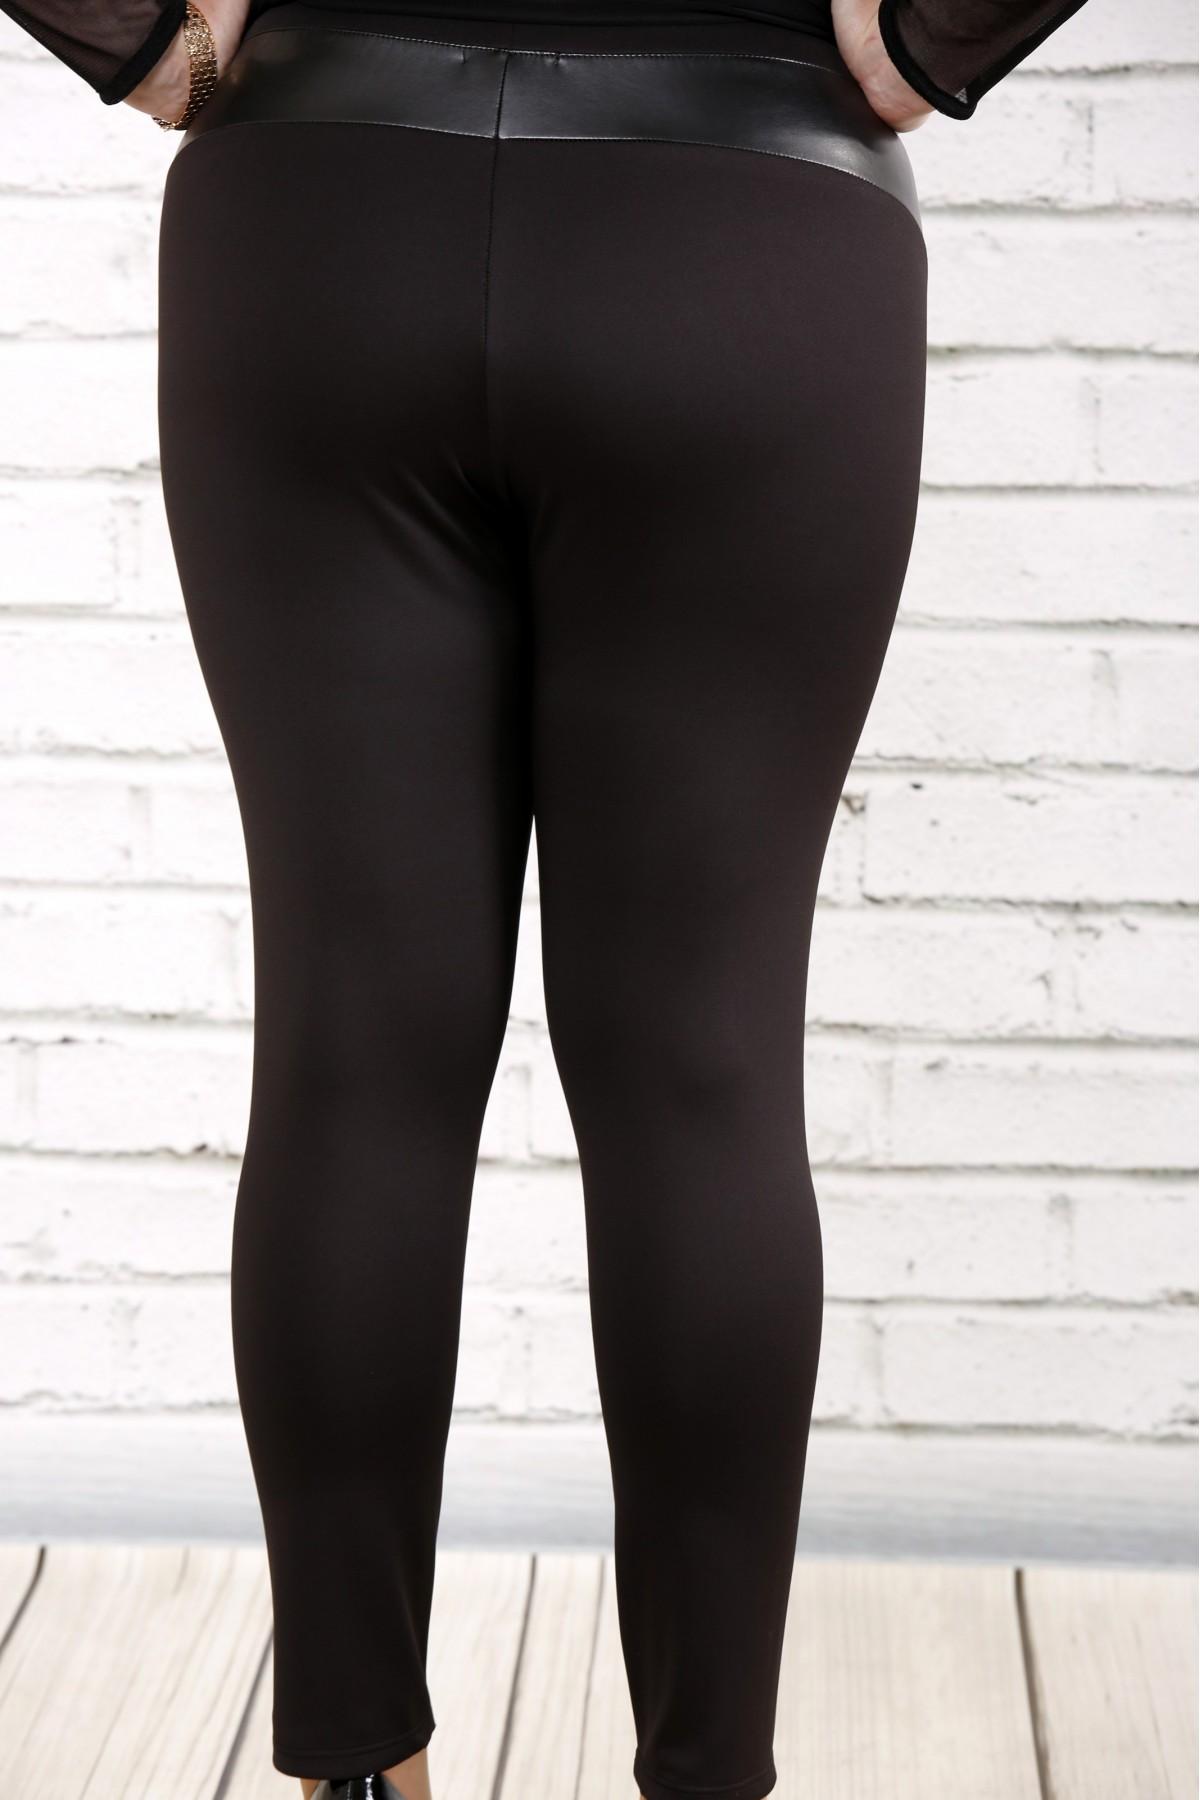 ... Фото Чорні брюки з еко-шкірою  10670dbfec623